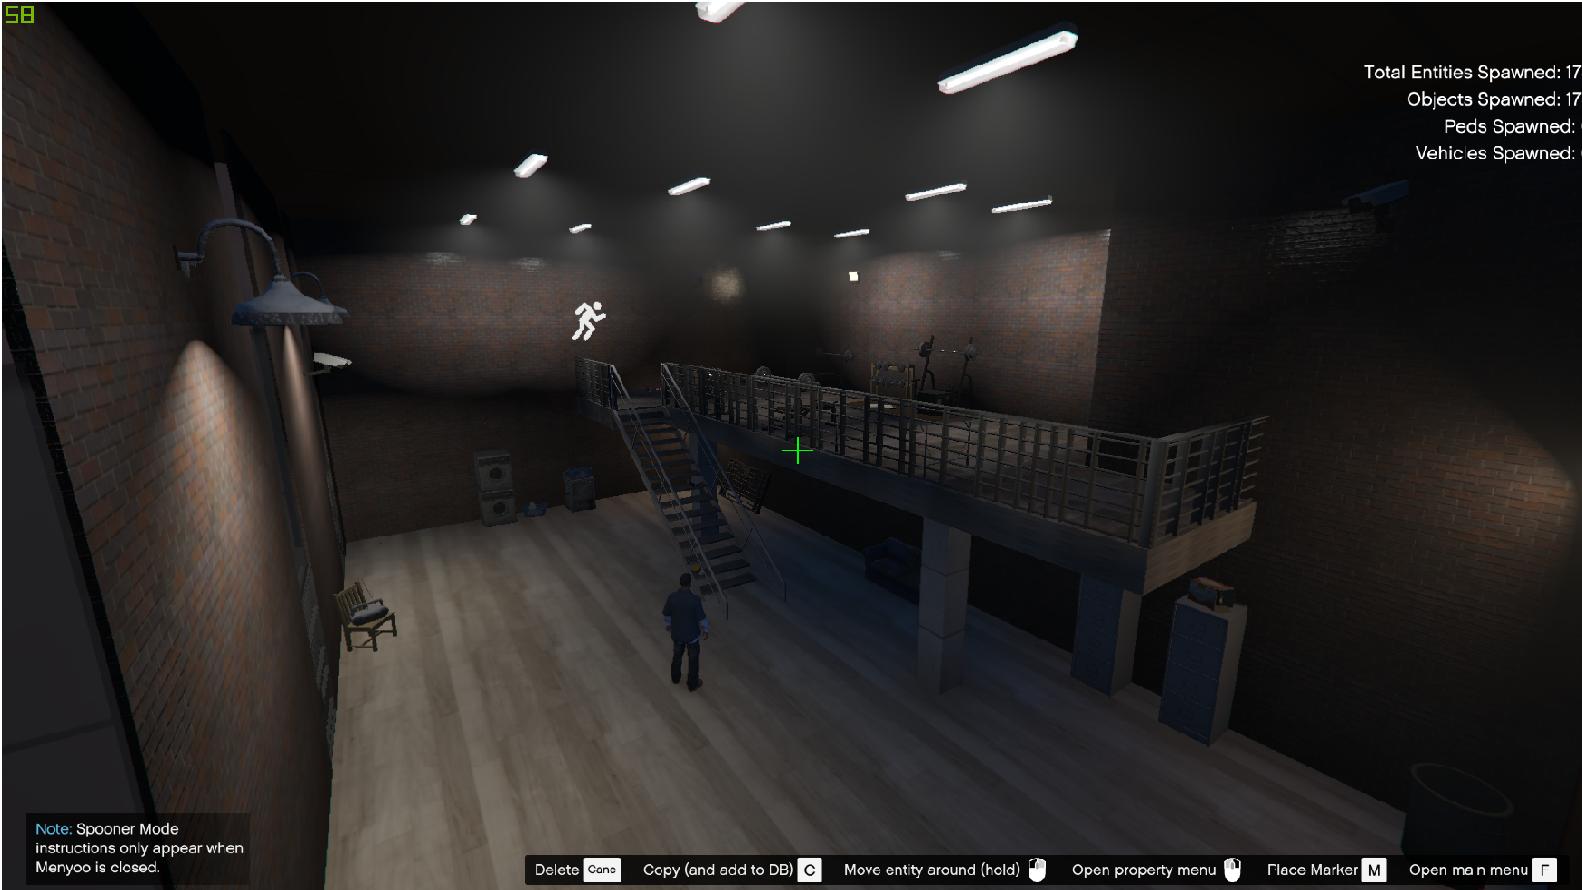 Prison Map v1 0 (Menyoo) - GTA5-Mods com